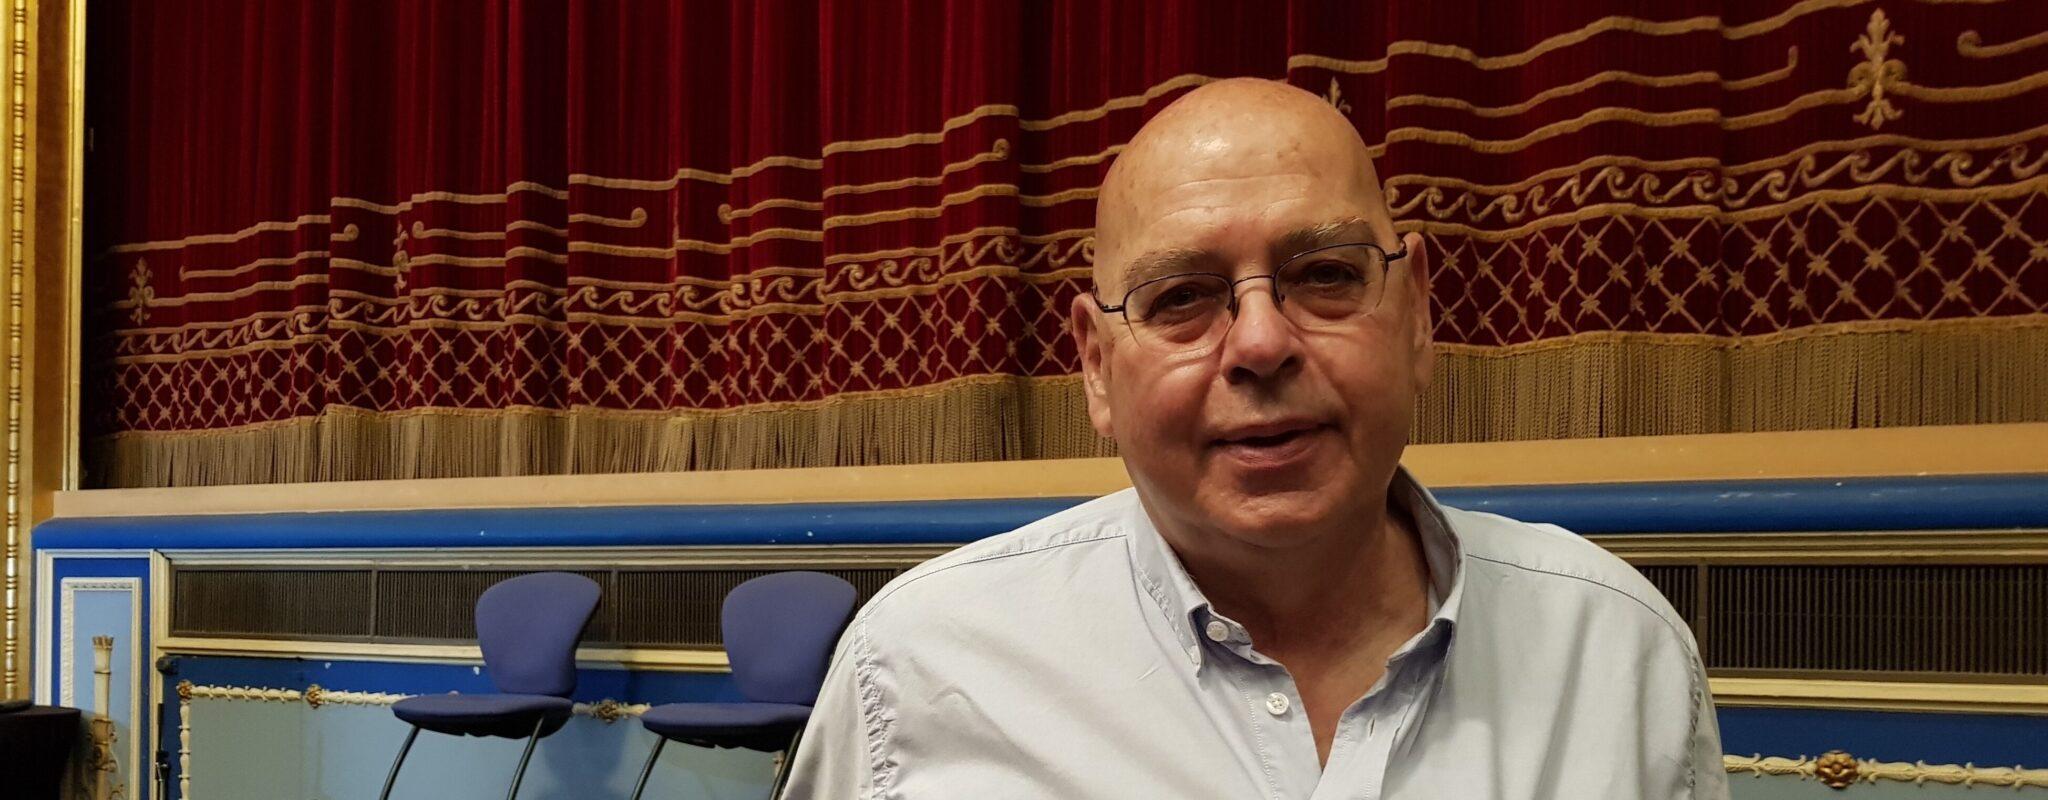 Faruk Günaltay, les secrets de 30 ans de règne à l'Odyssée